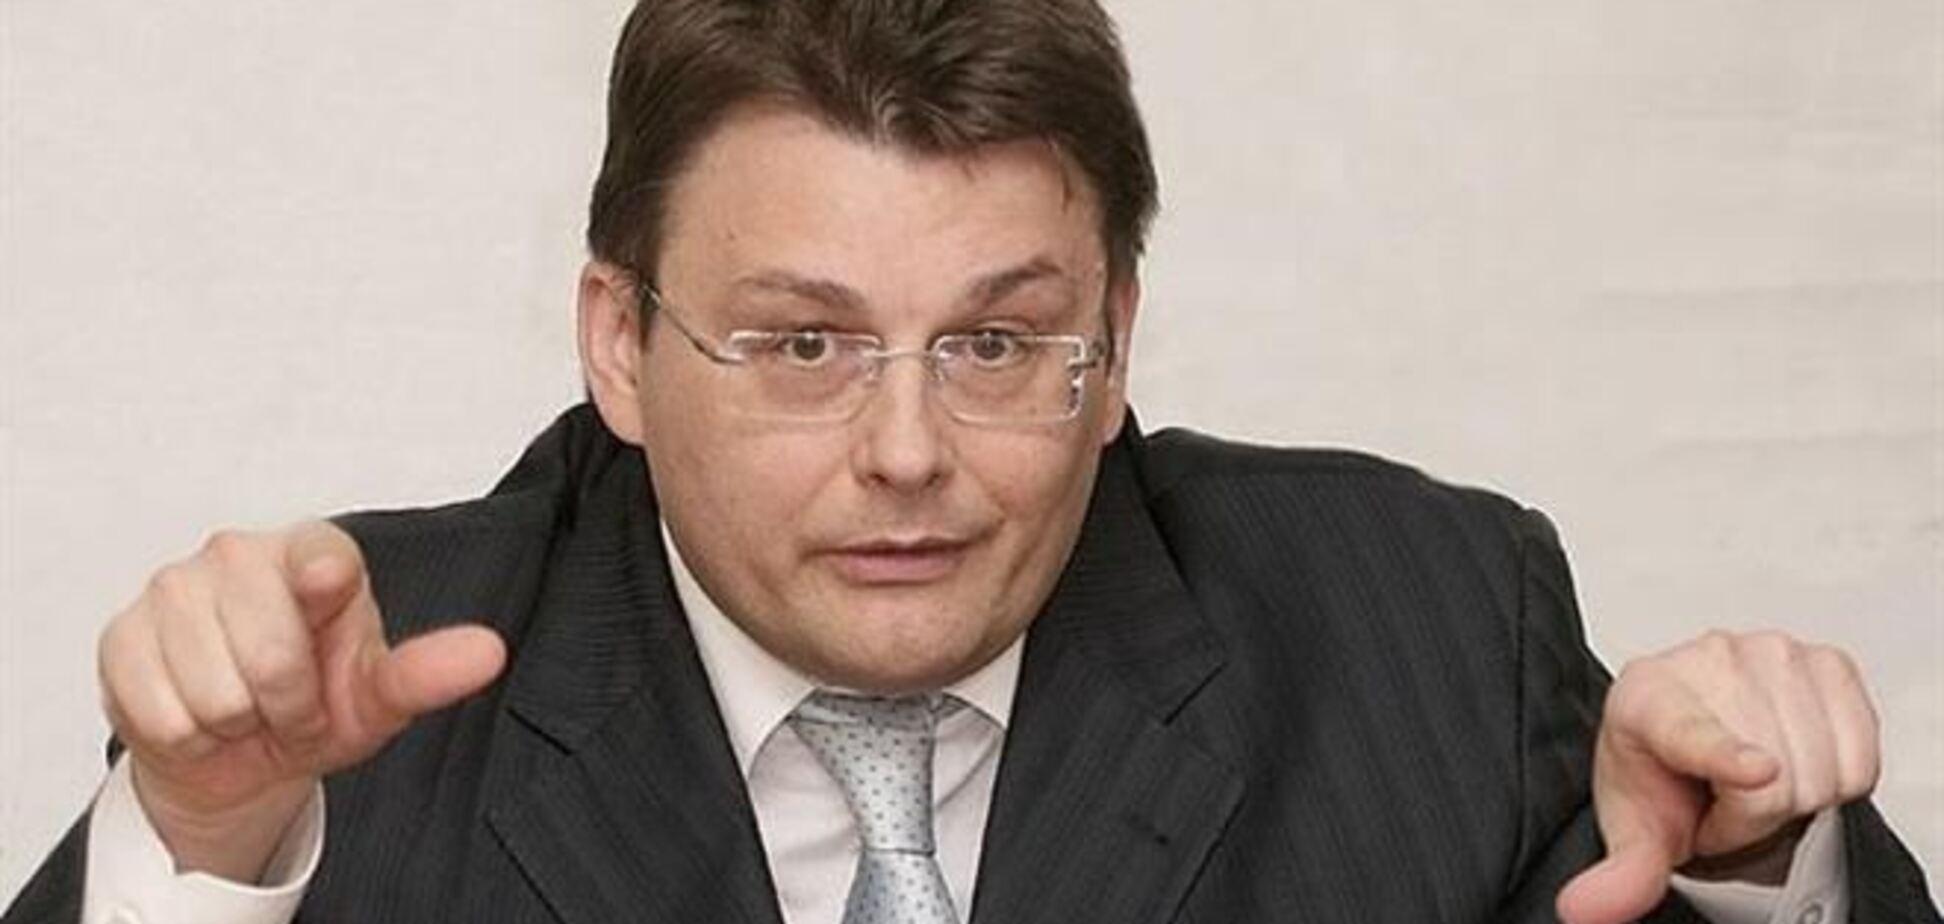 Депутат Держдуми: Цой був агентом ЦРУ, пісні йому писали в Голлівуді